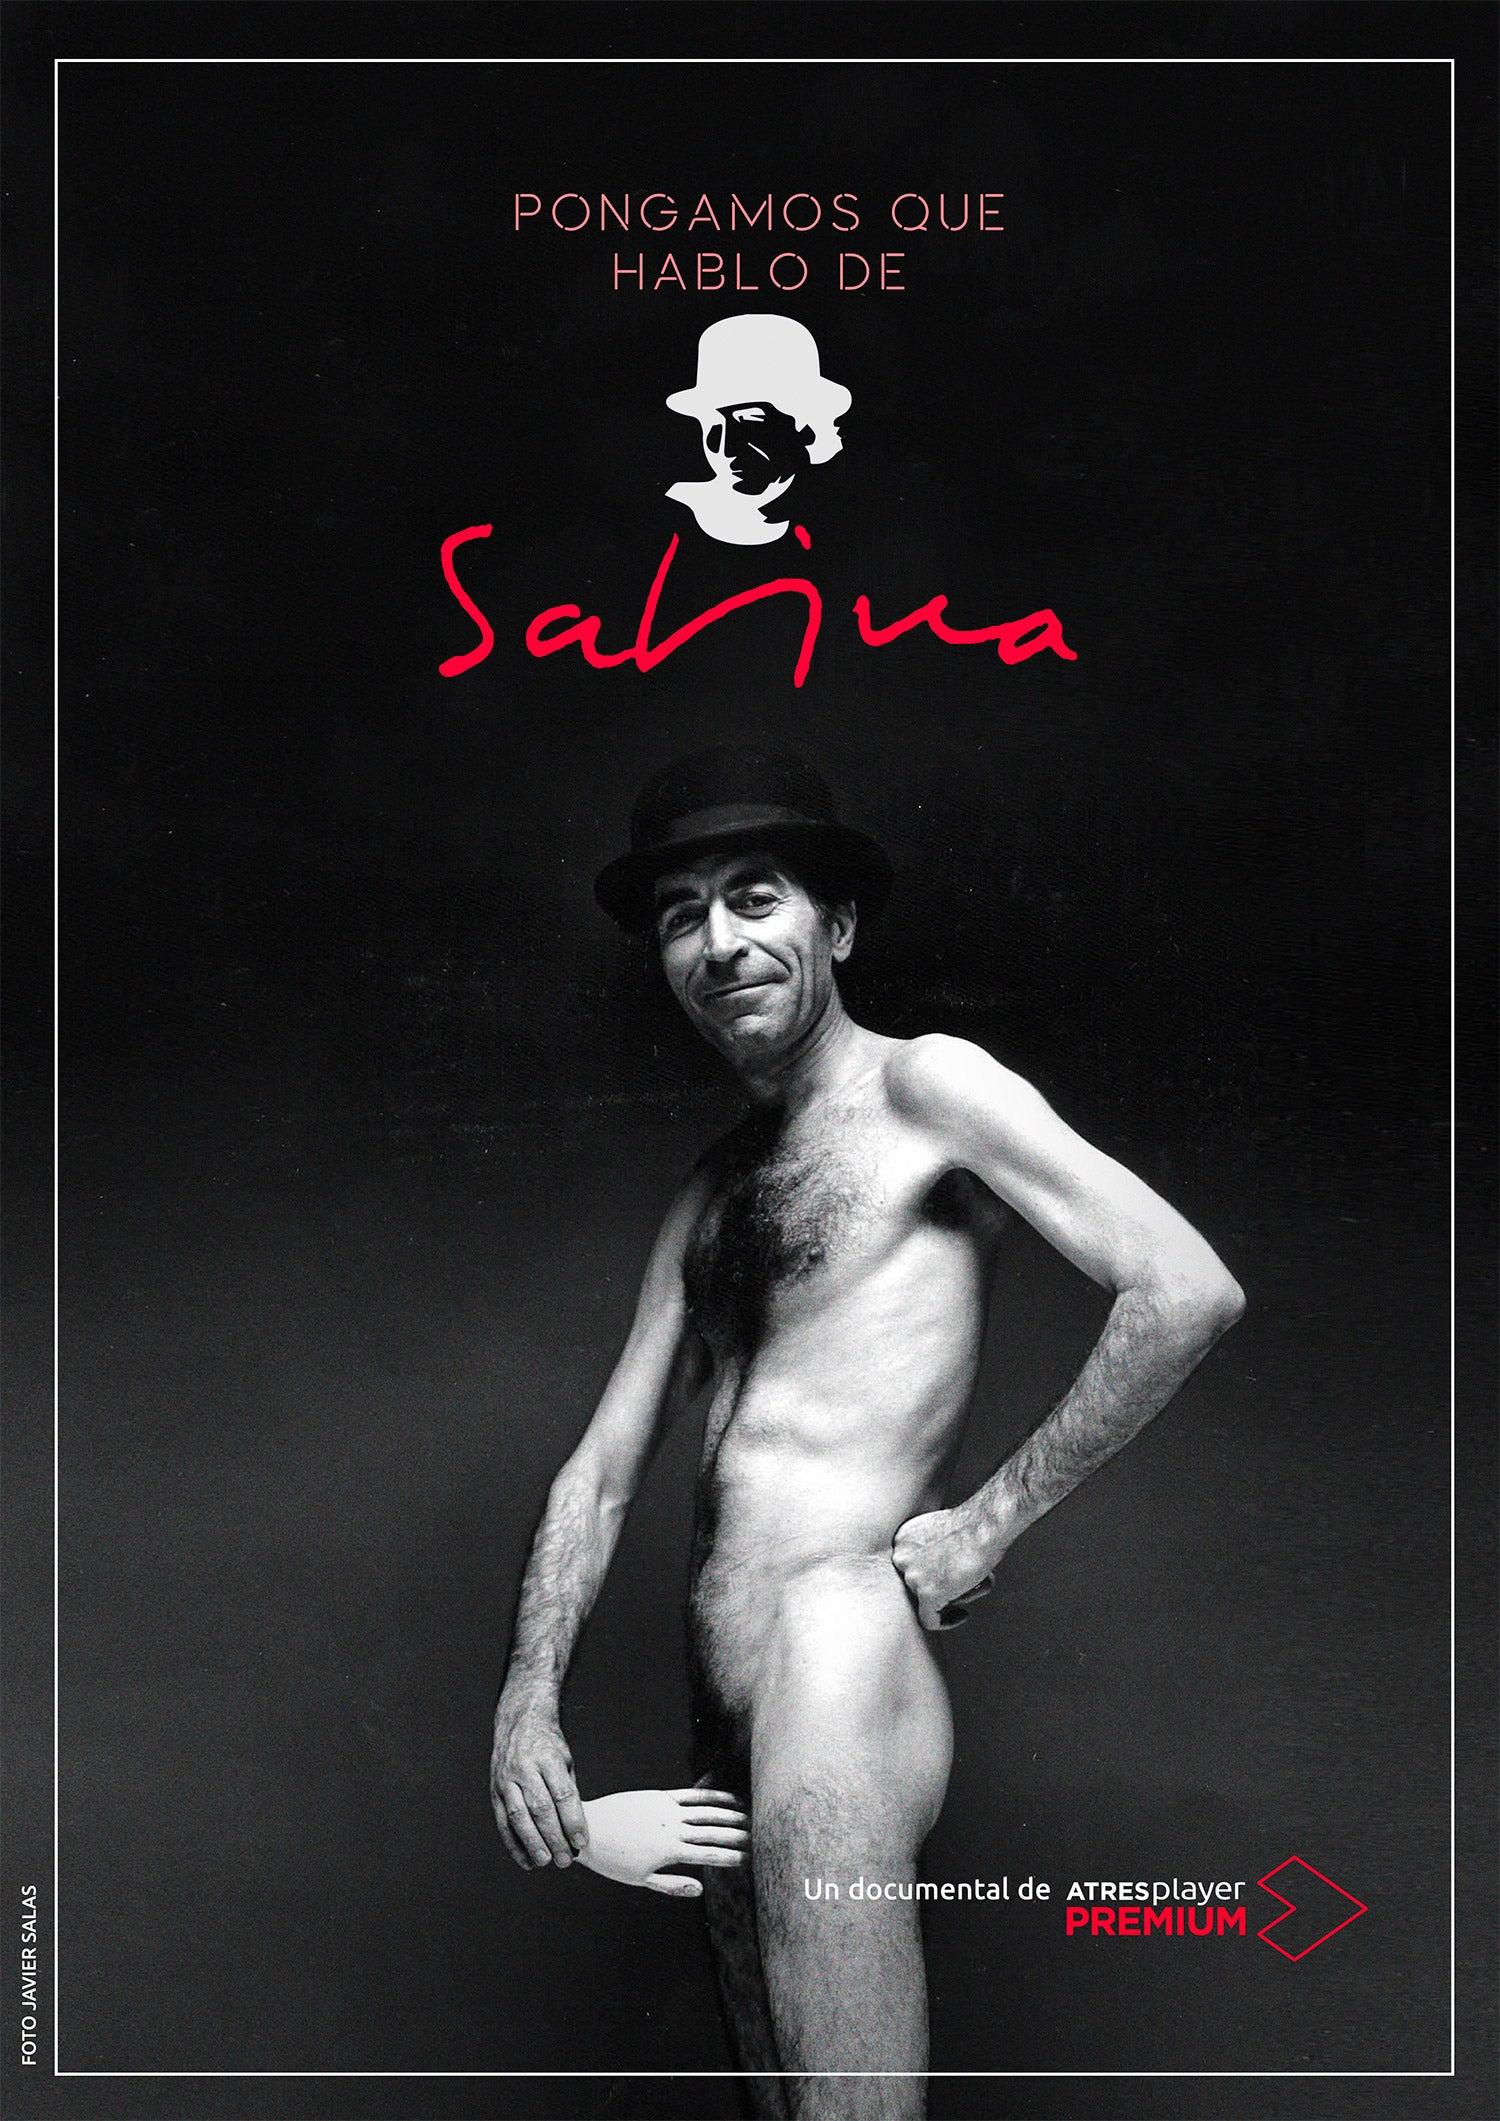 Pongamos que hablo de Sabina